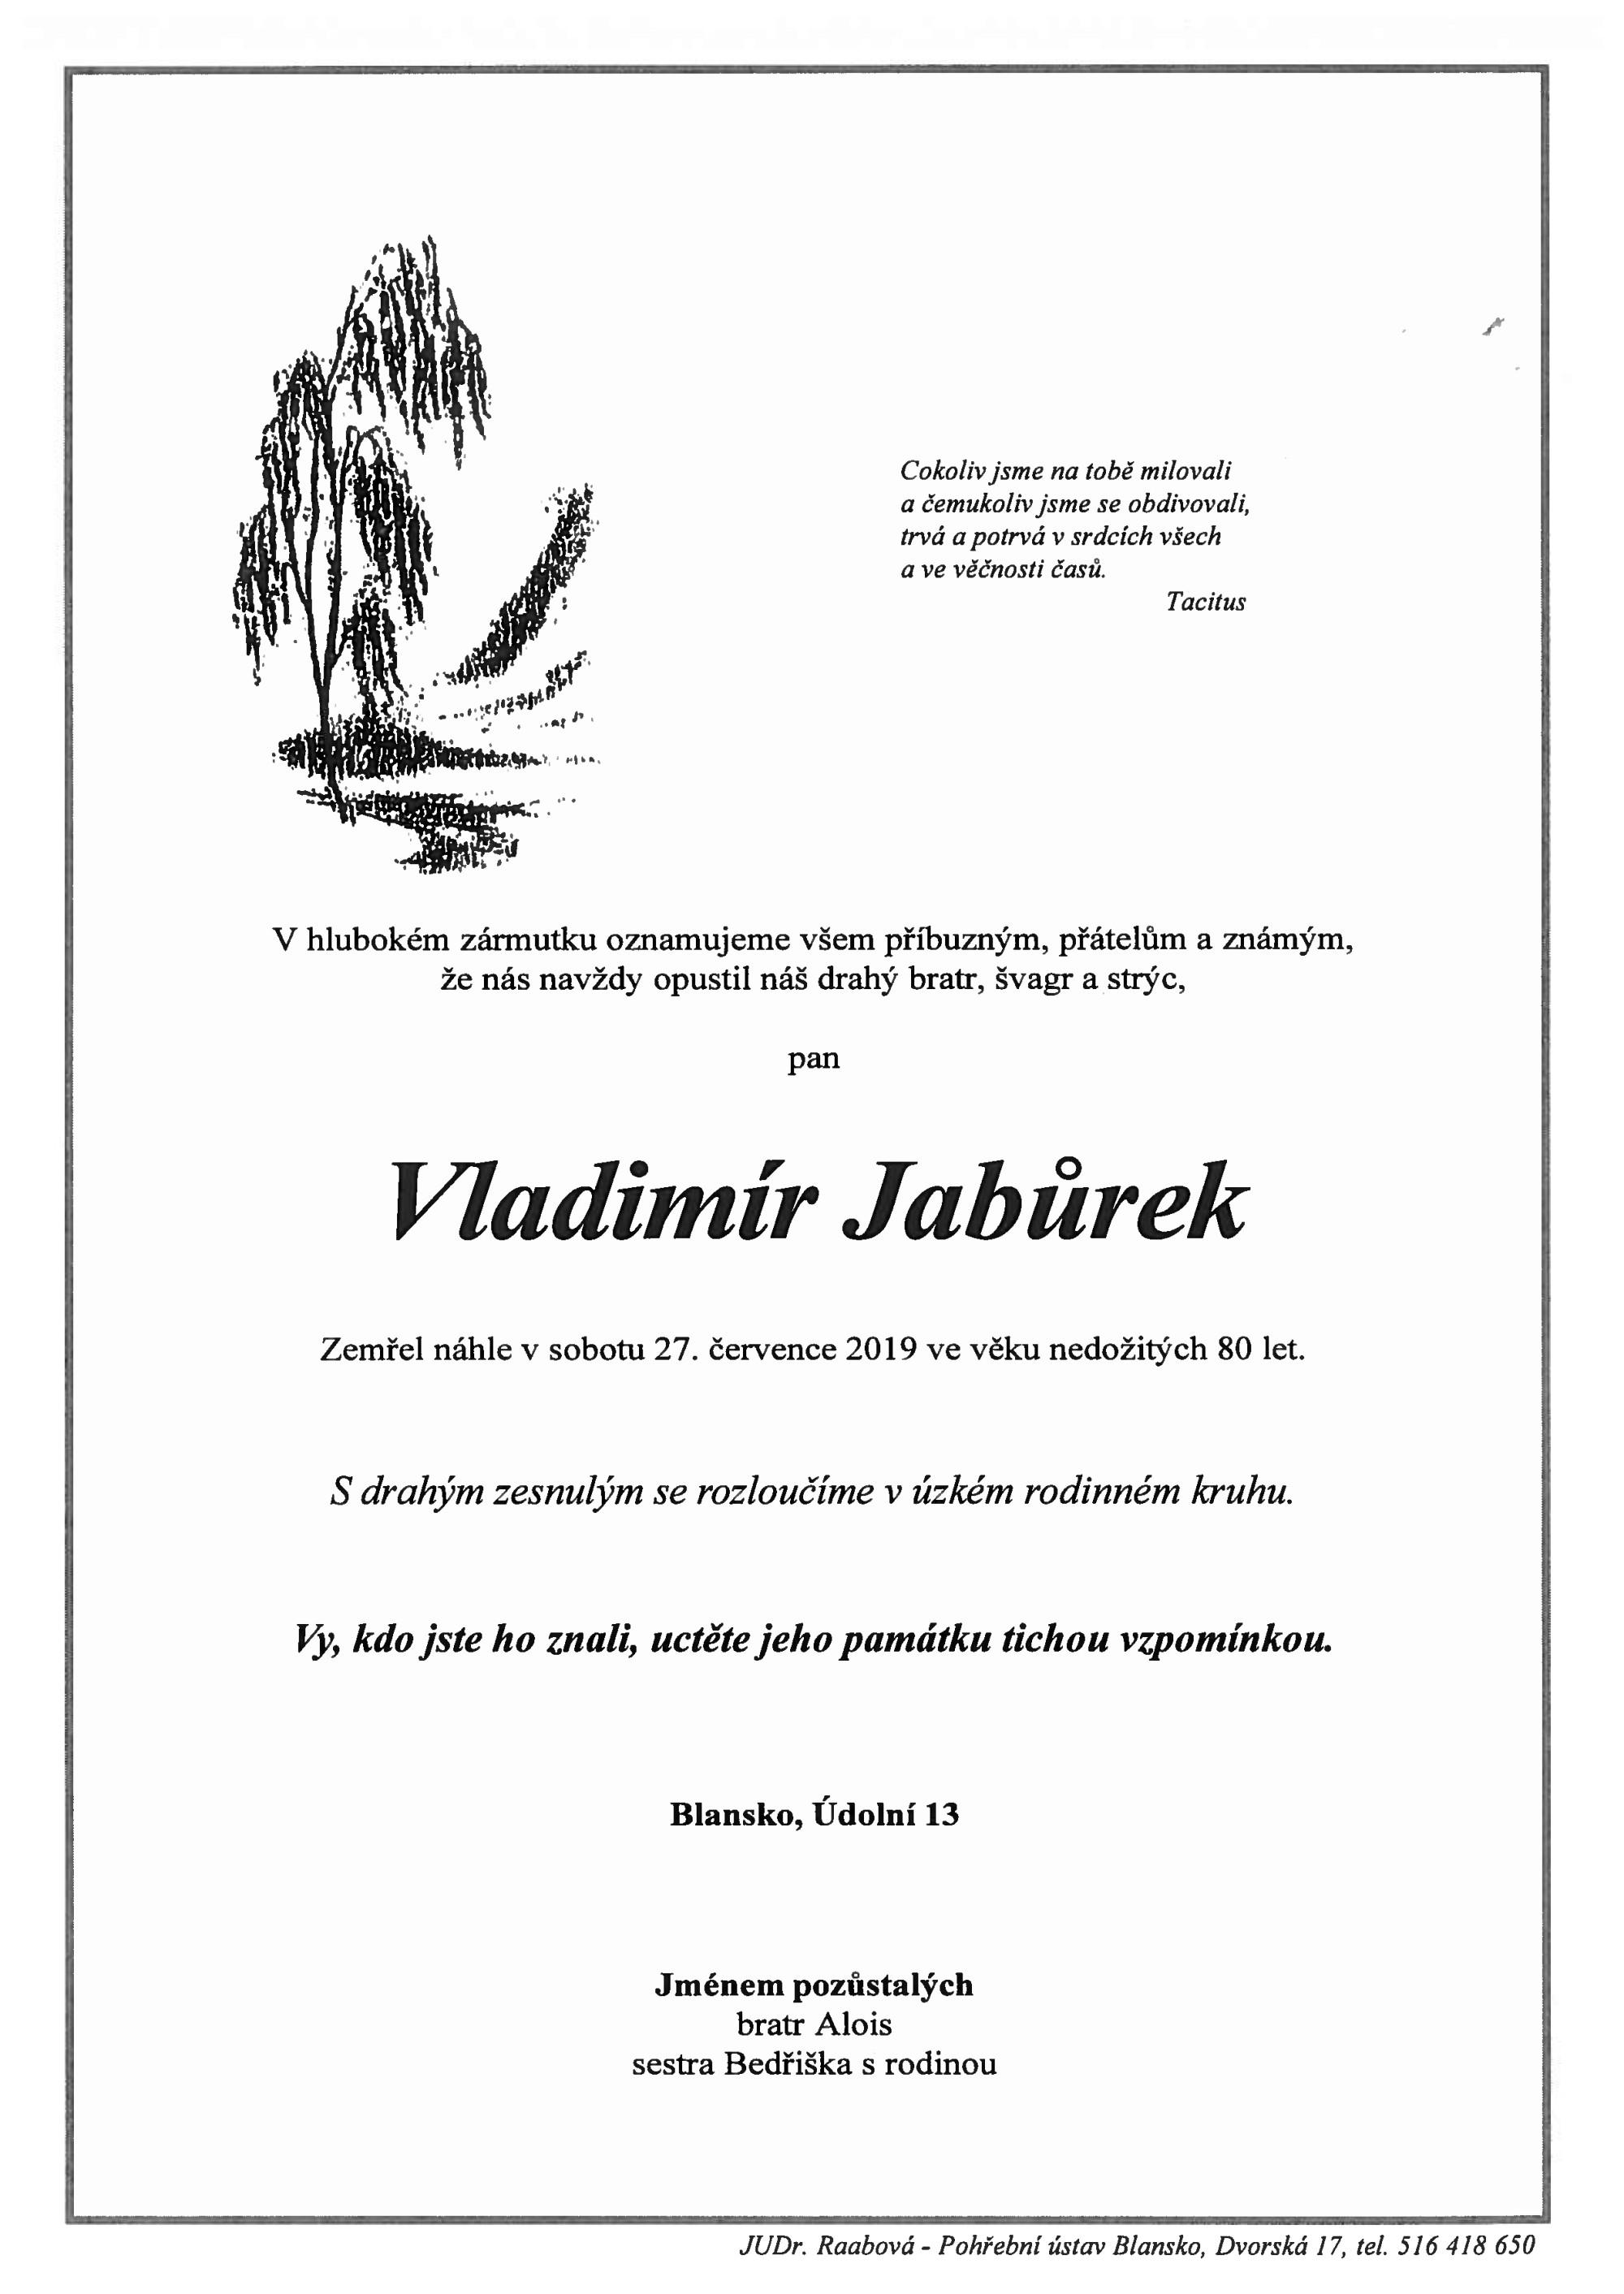 Vladimír Jabůrek